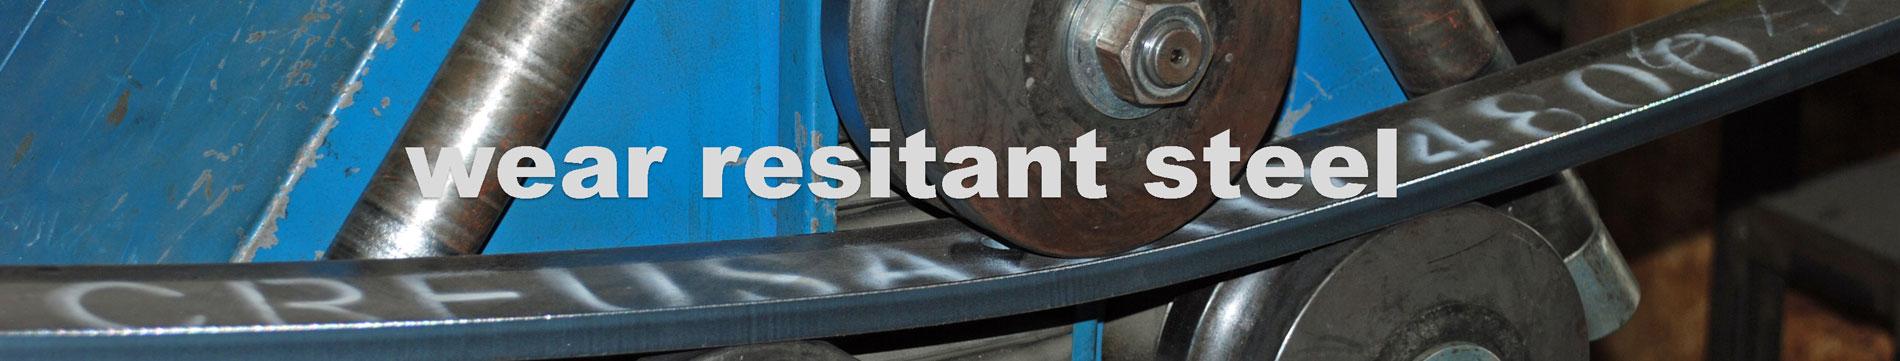 wear resistant steel